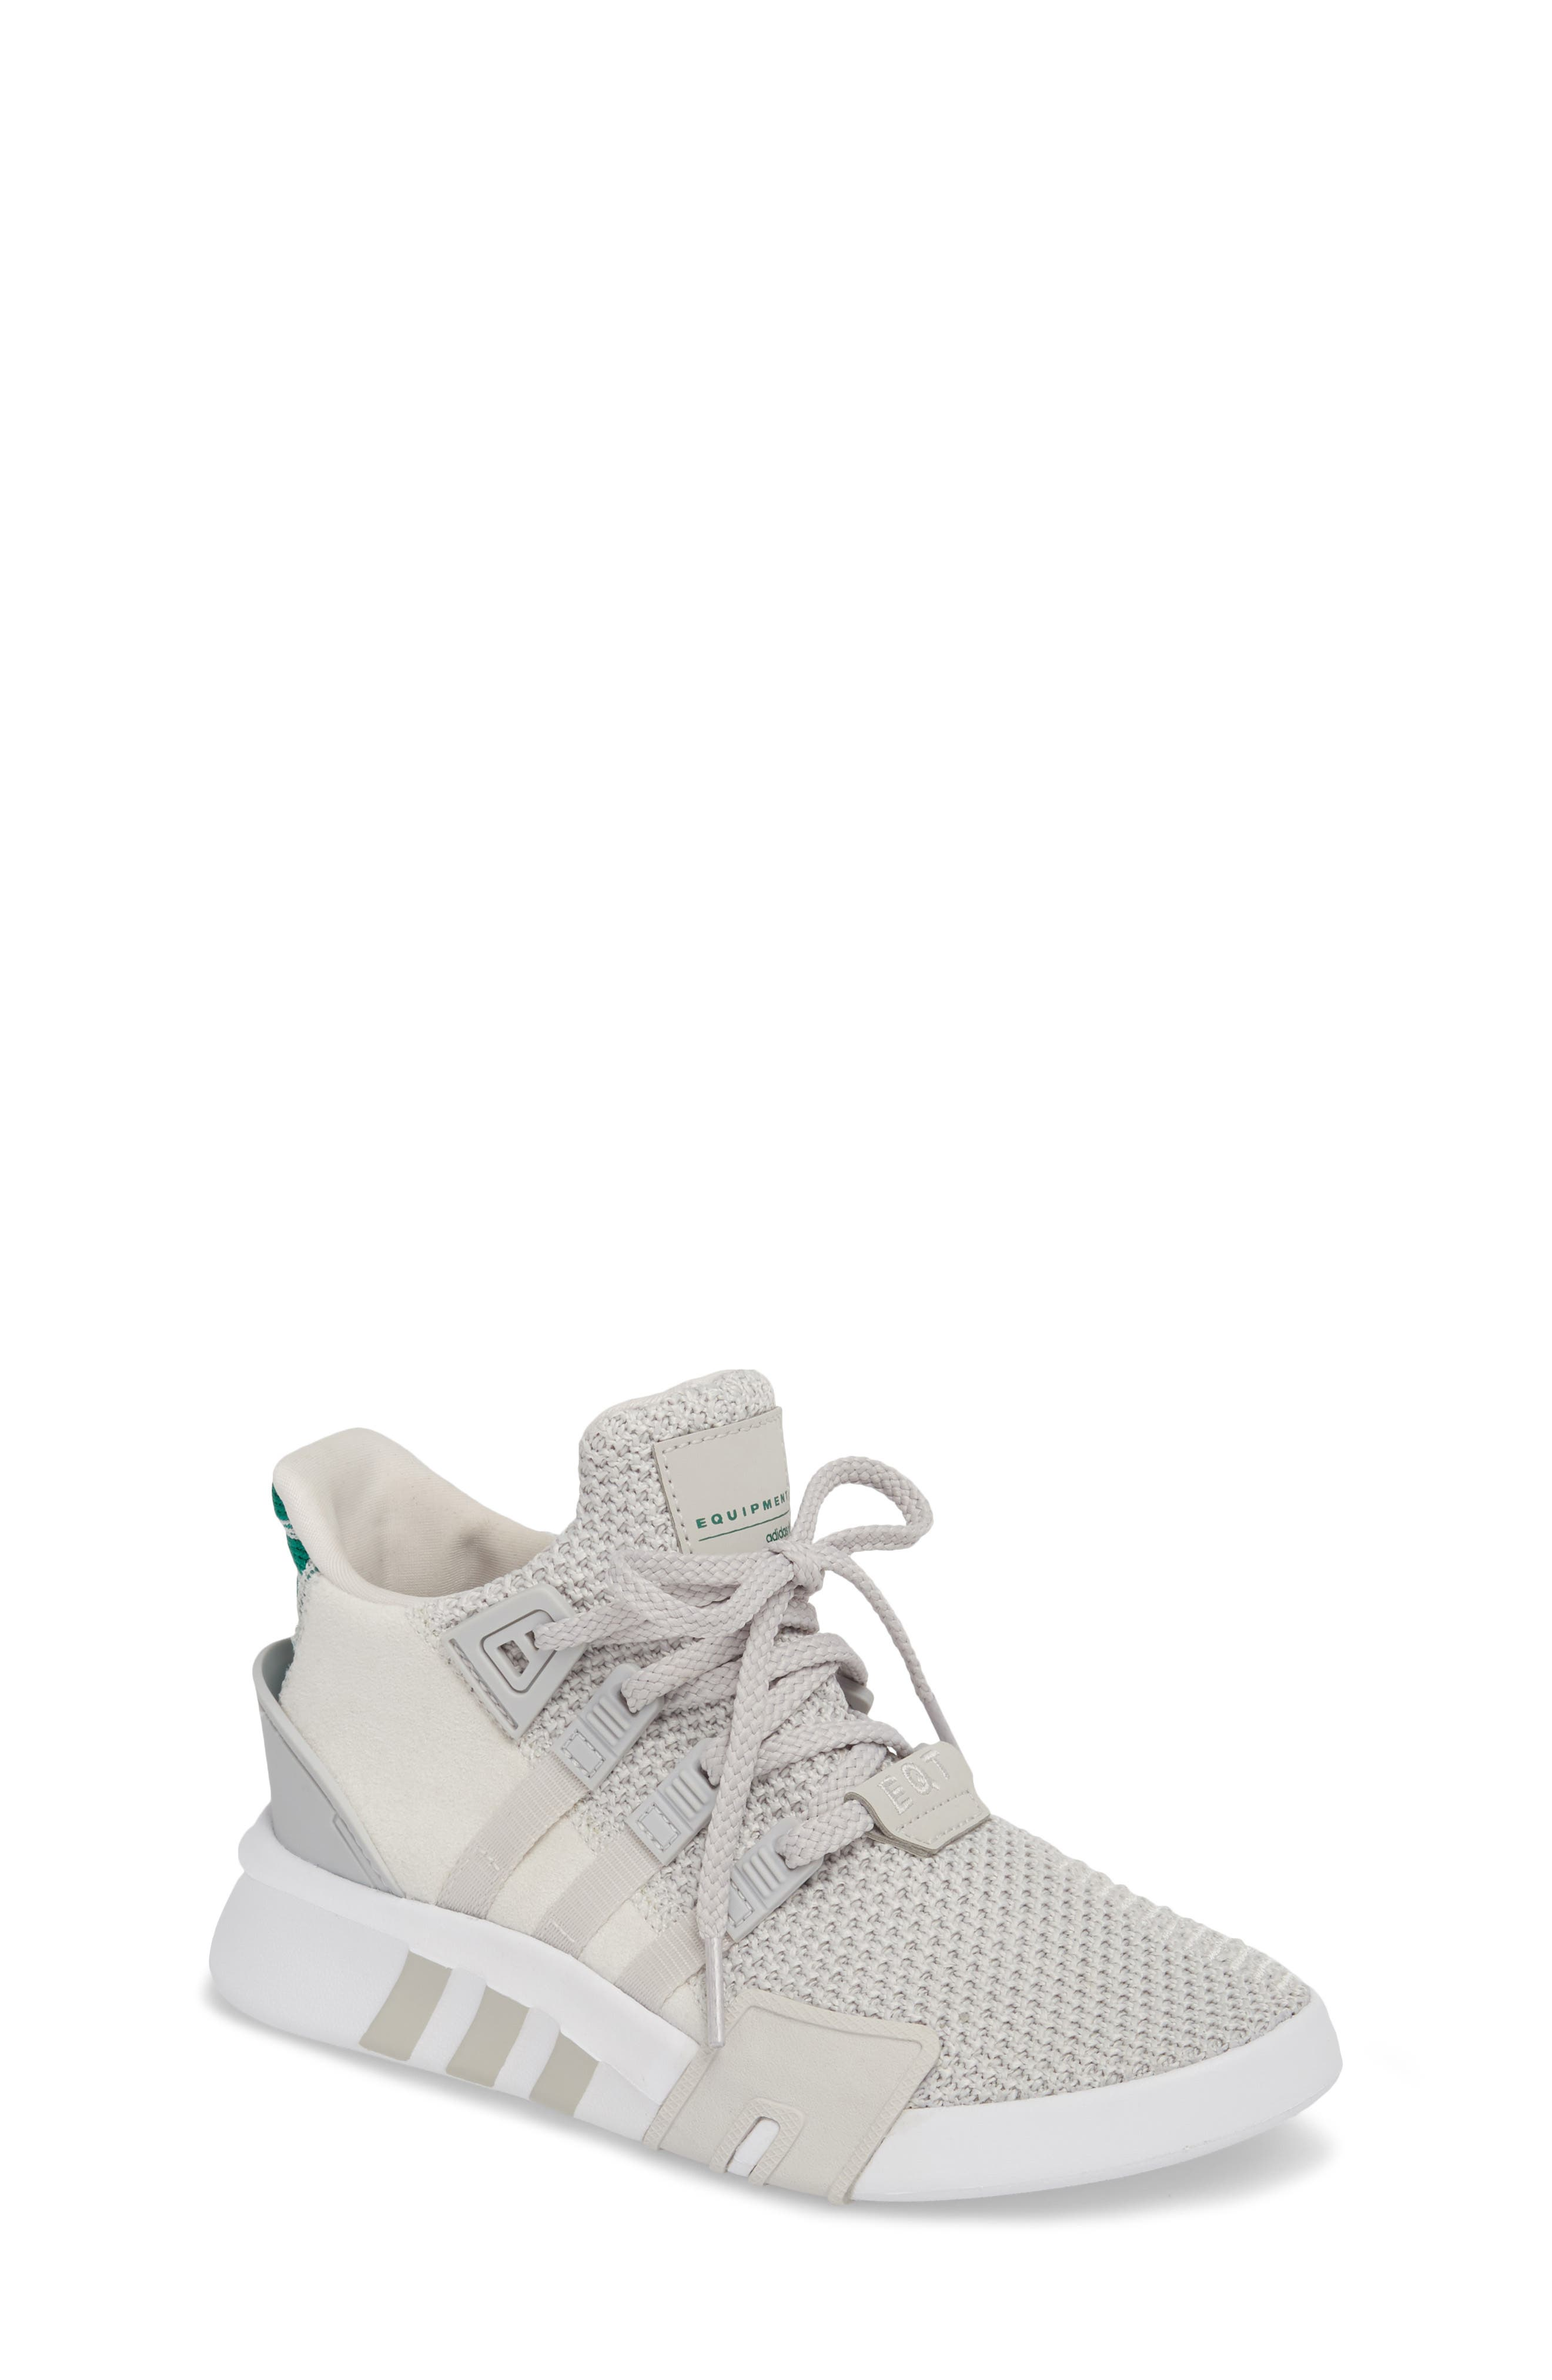 EQT Basketball ADV I Sneaker,                             Main thumbnail 1, color,                             Grey / Grey / Green